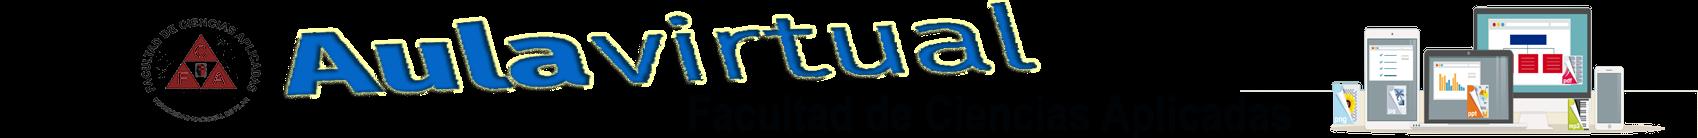 Aula Virtual de la Facultad de Ciencias Aplicadas - UNP